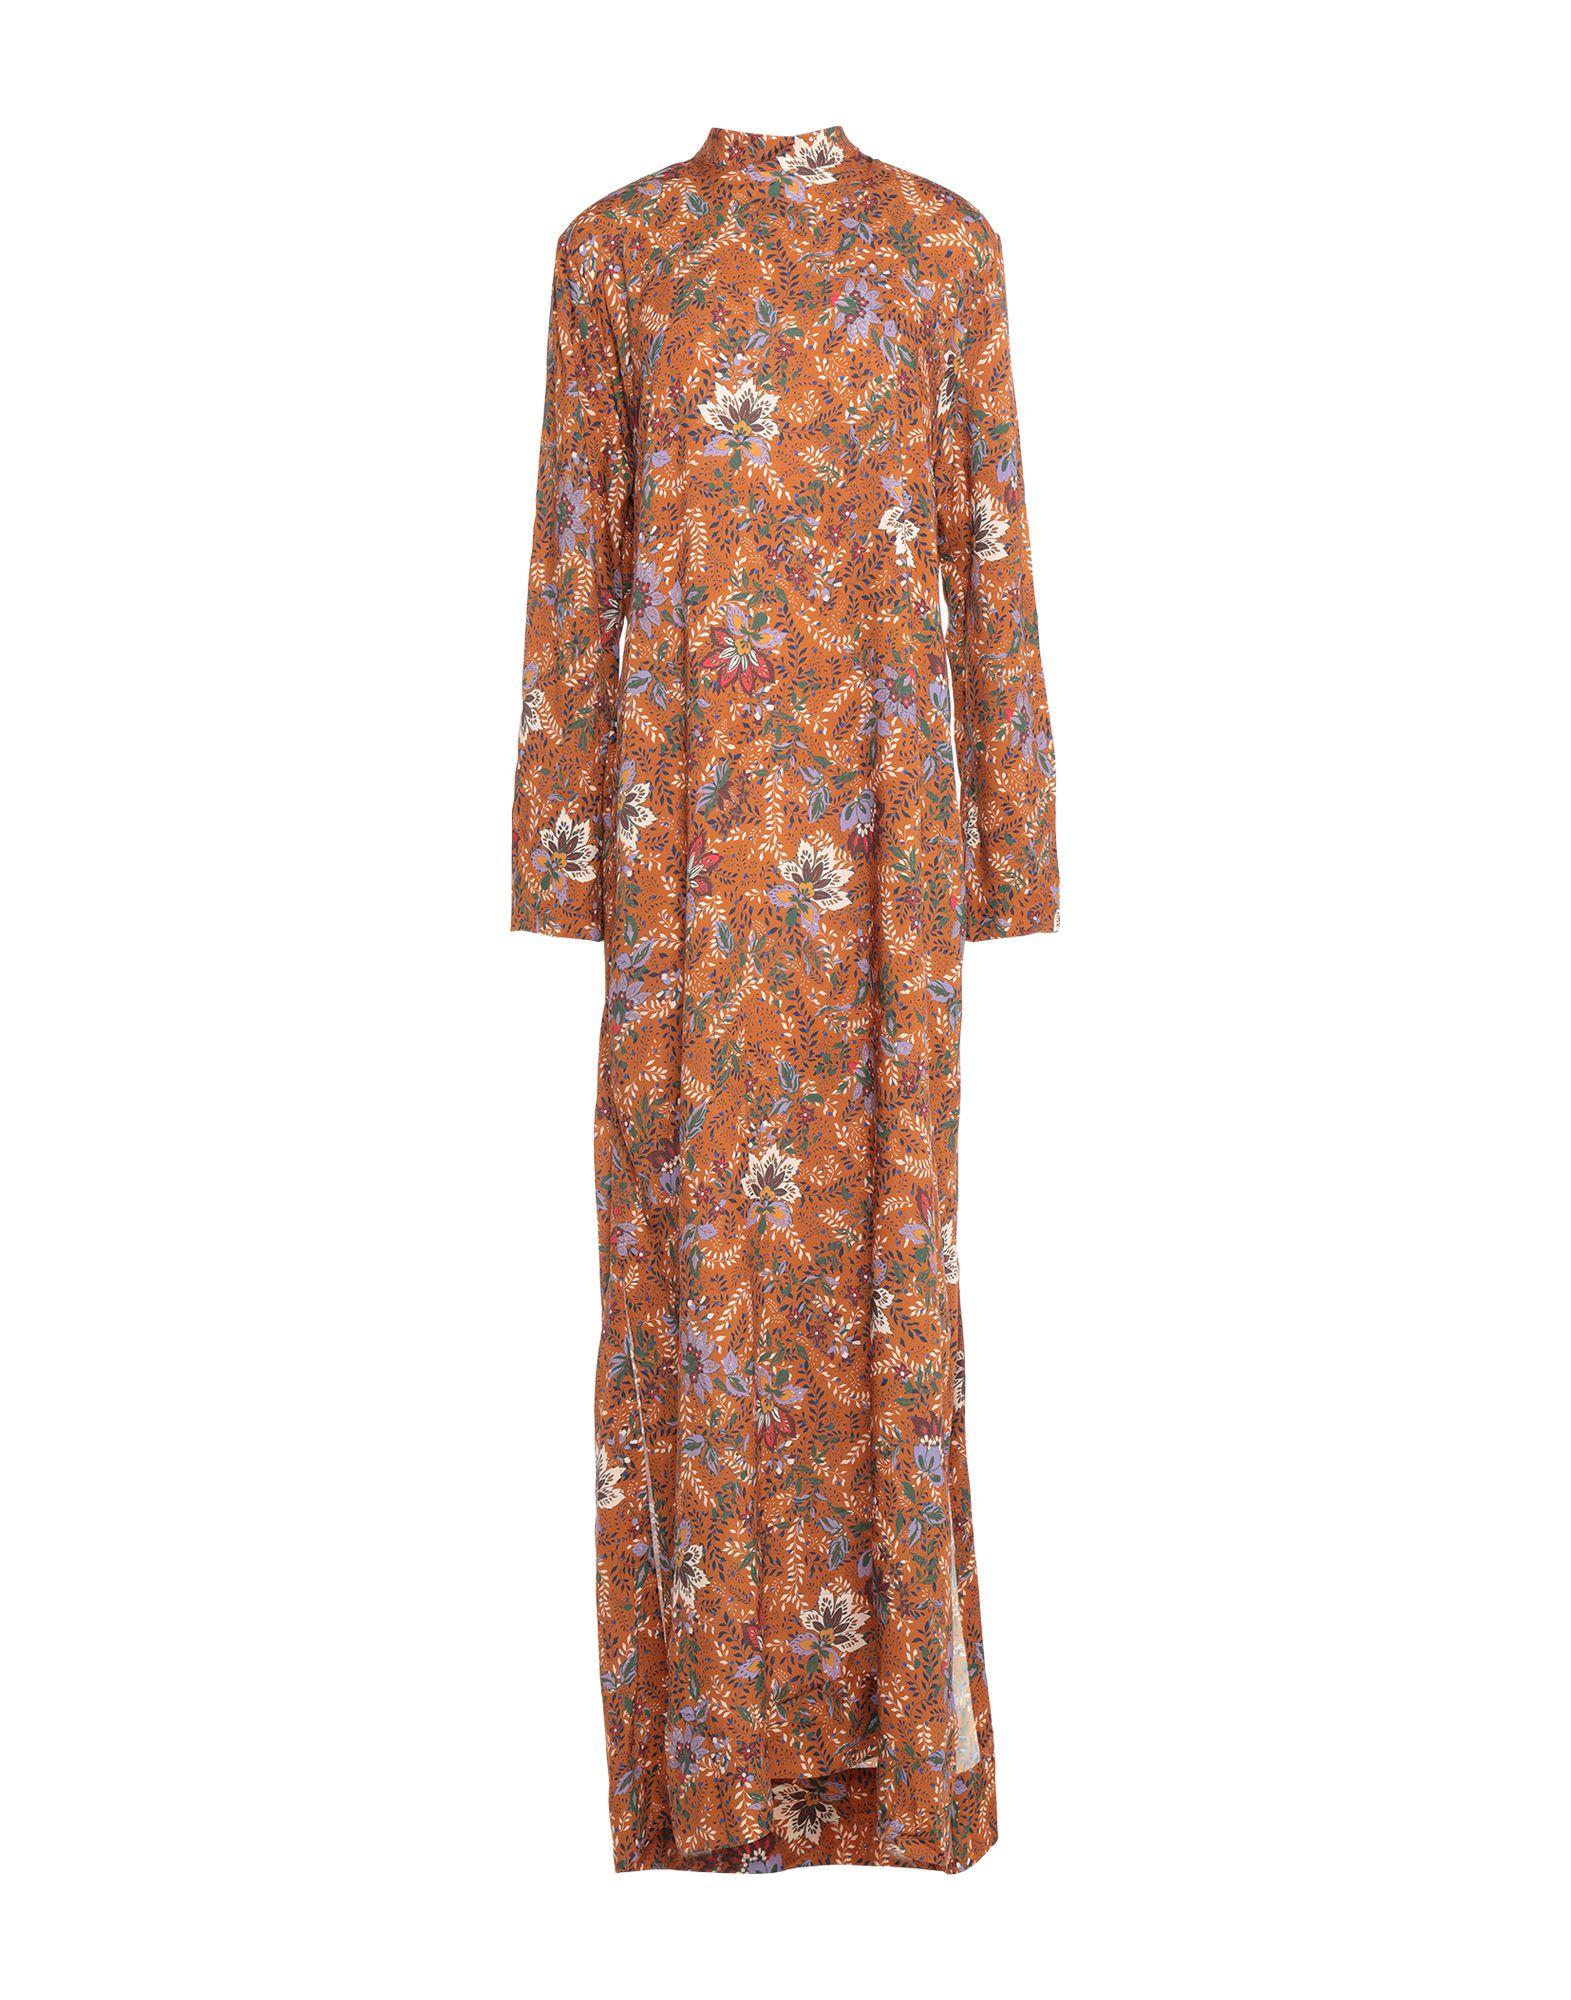 Фото - LIBERTINE-LIBERTINE Длинное платье libertine libertine платье до колена